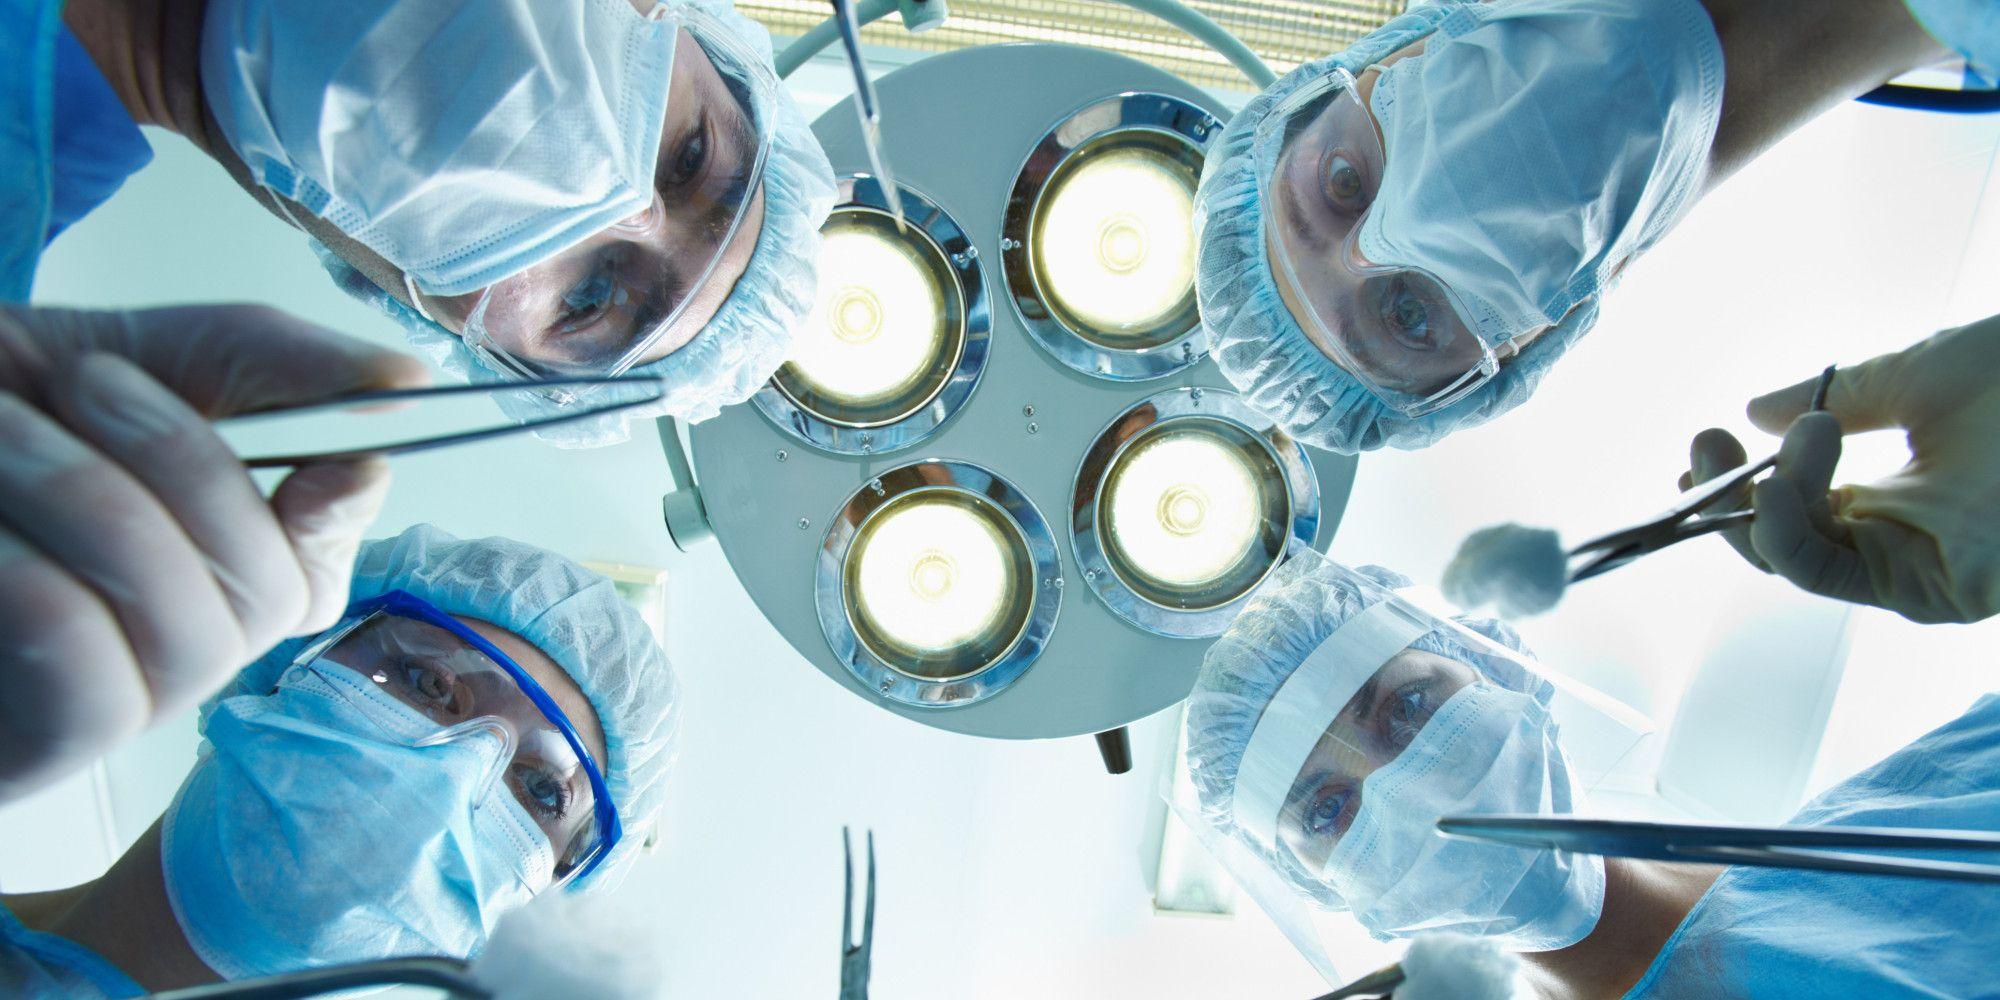 Чотири системи охорони здоров'я. Яка підходить Україні та краще протидіє COVID-19